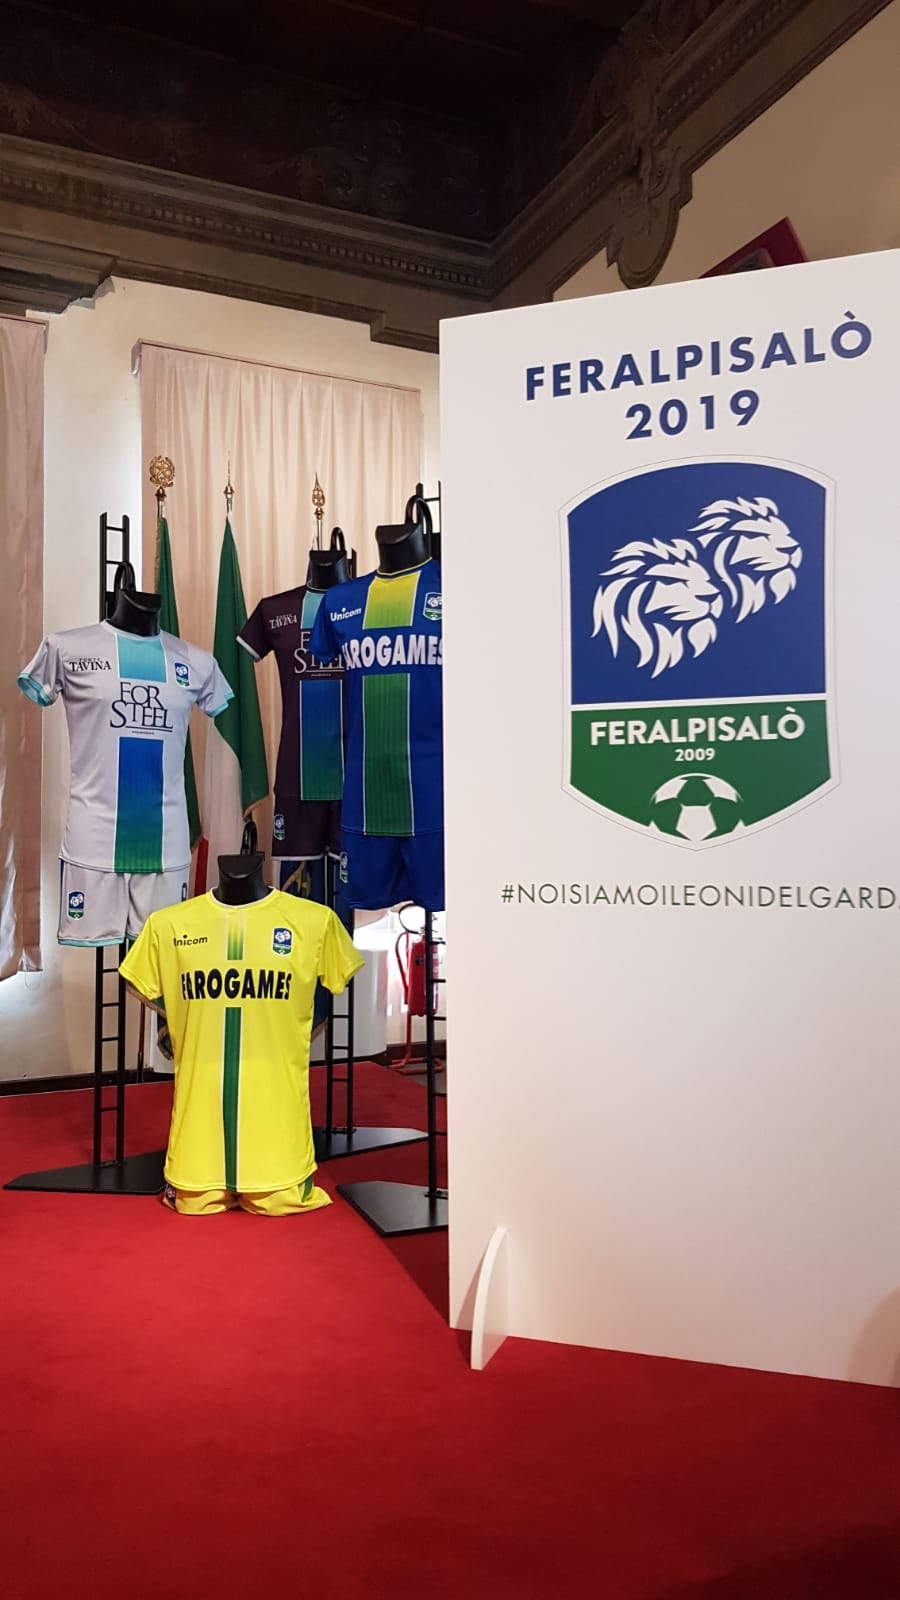 Feralpi Salò, Giuseppe Pasini punta in alto con un nuovo logo e nuove maglie